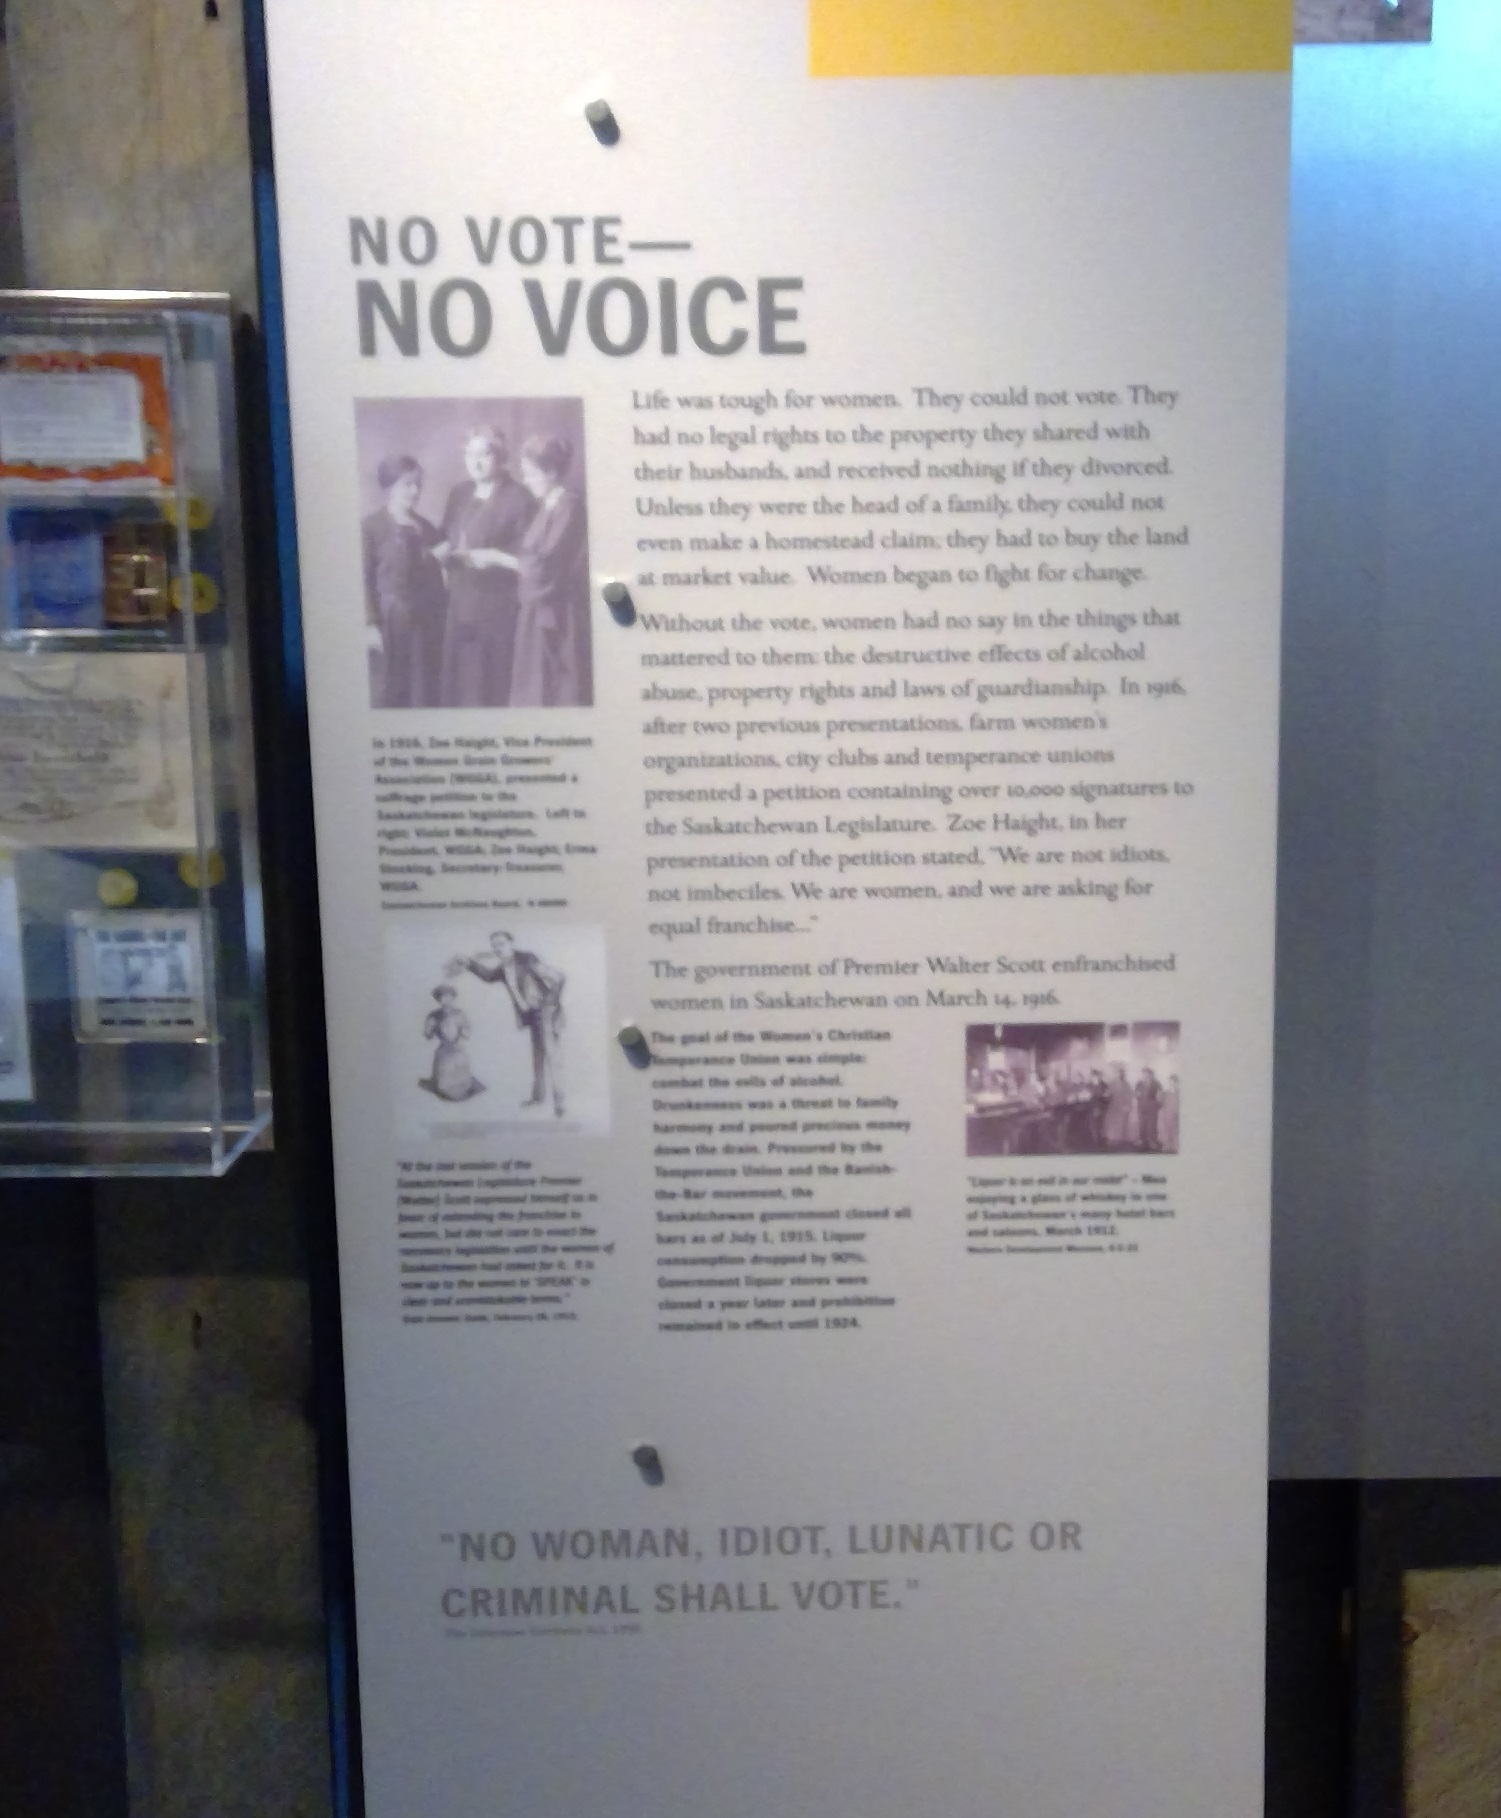 No Voice exhibit panel